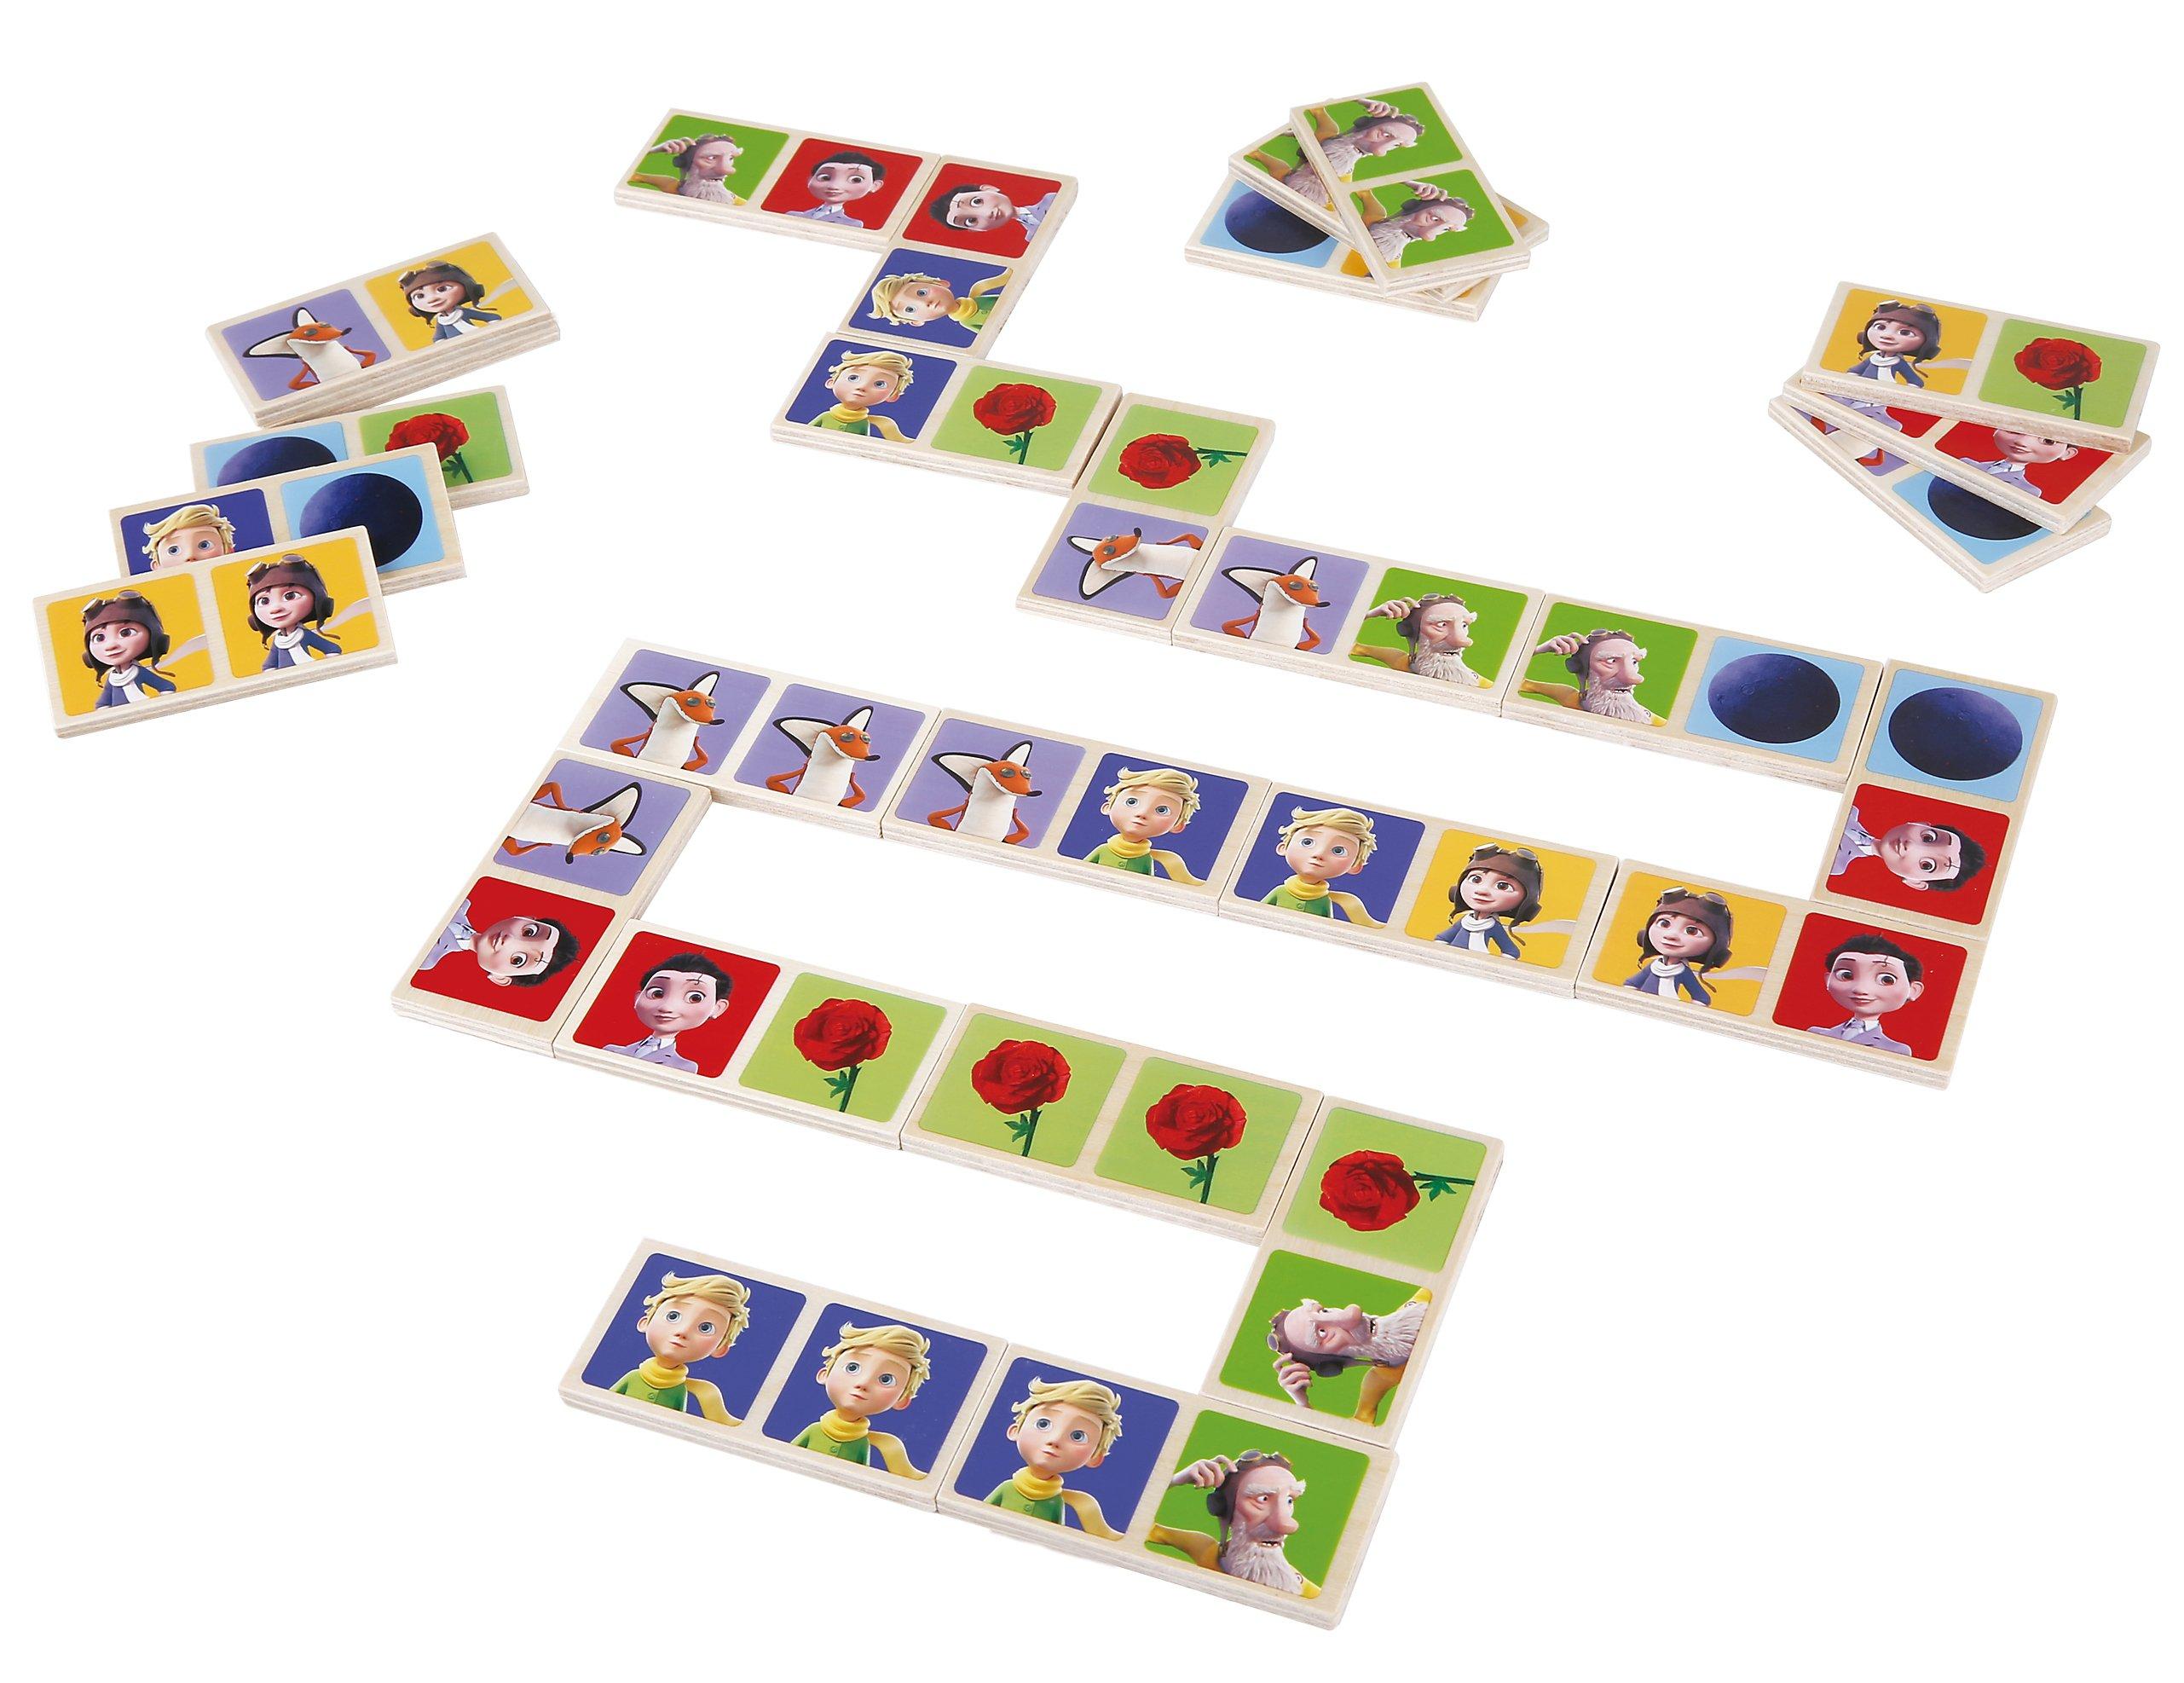 Spiele Aus österreich Bestellen Legal